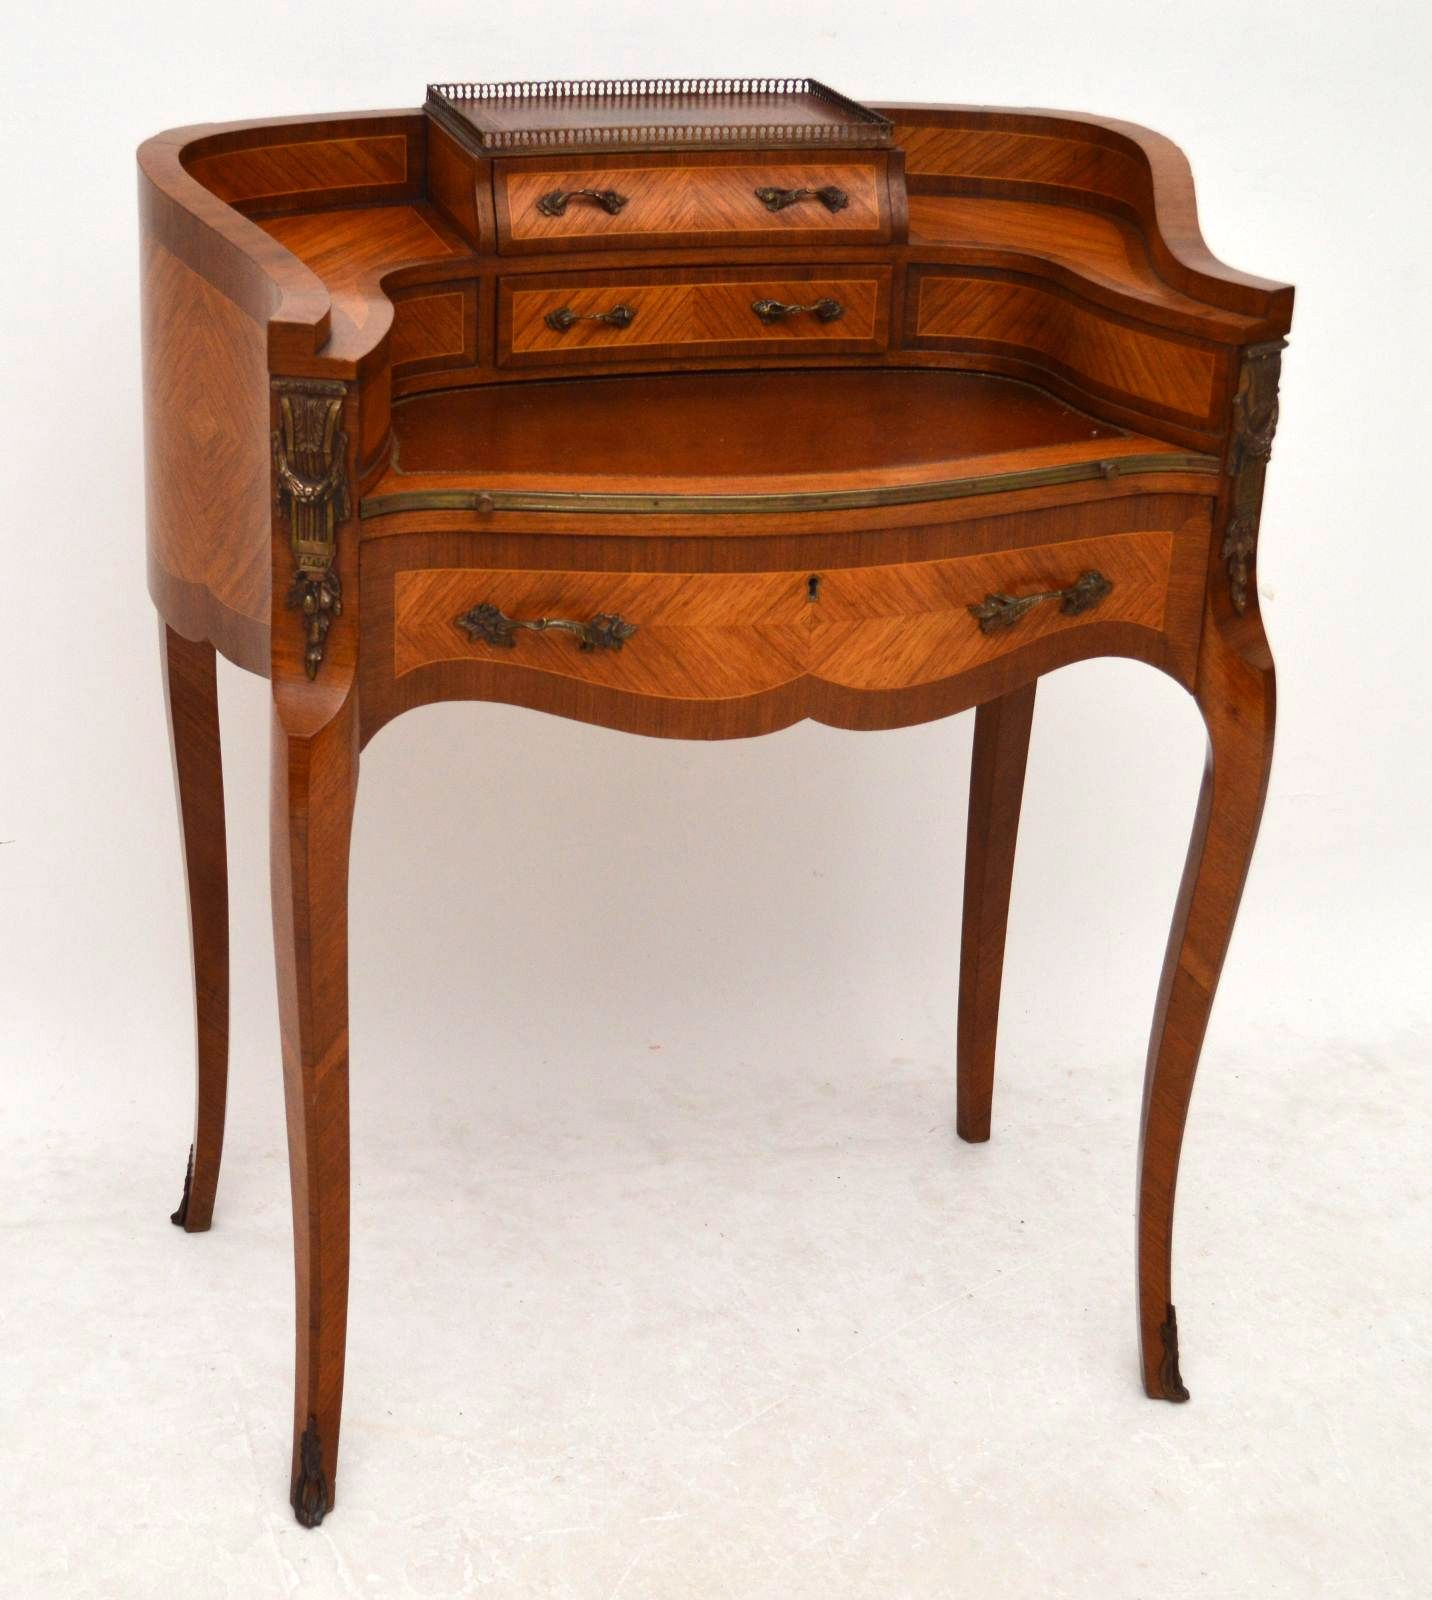 Antique French Bonheur Du Jour Writing Table Desk